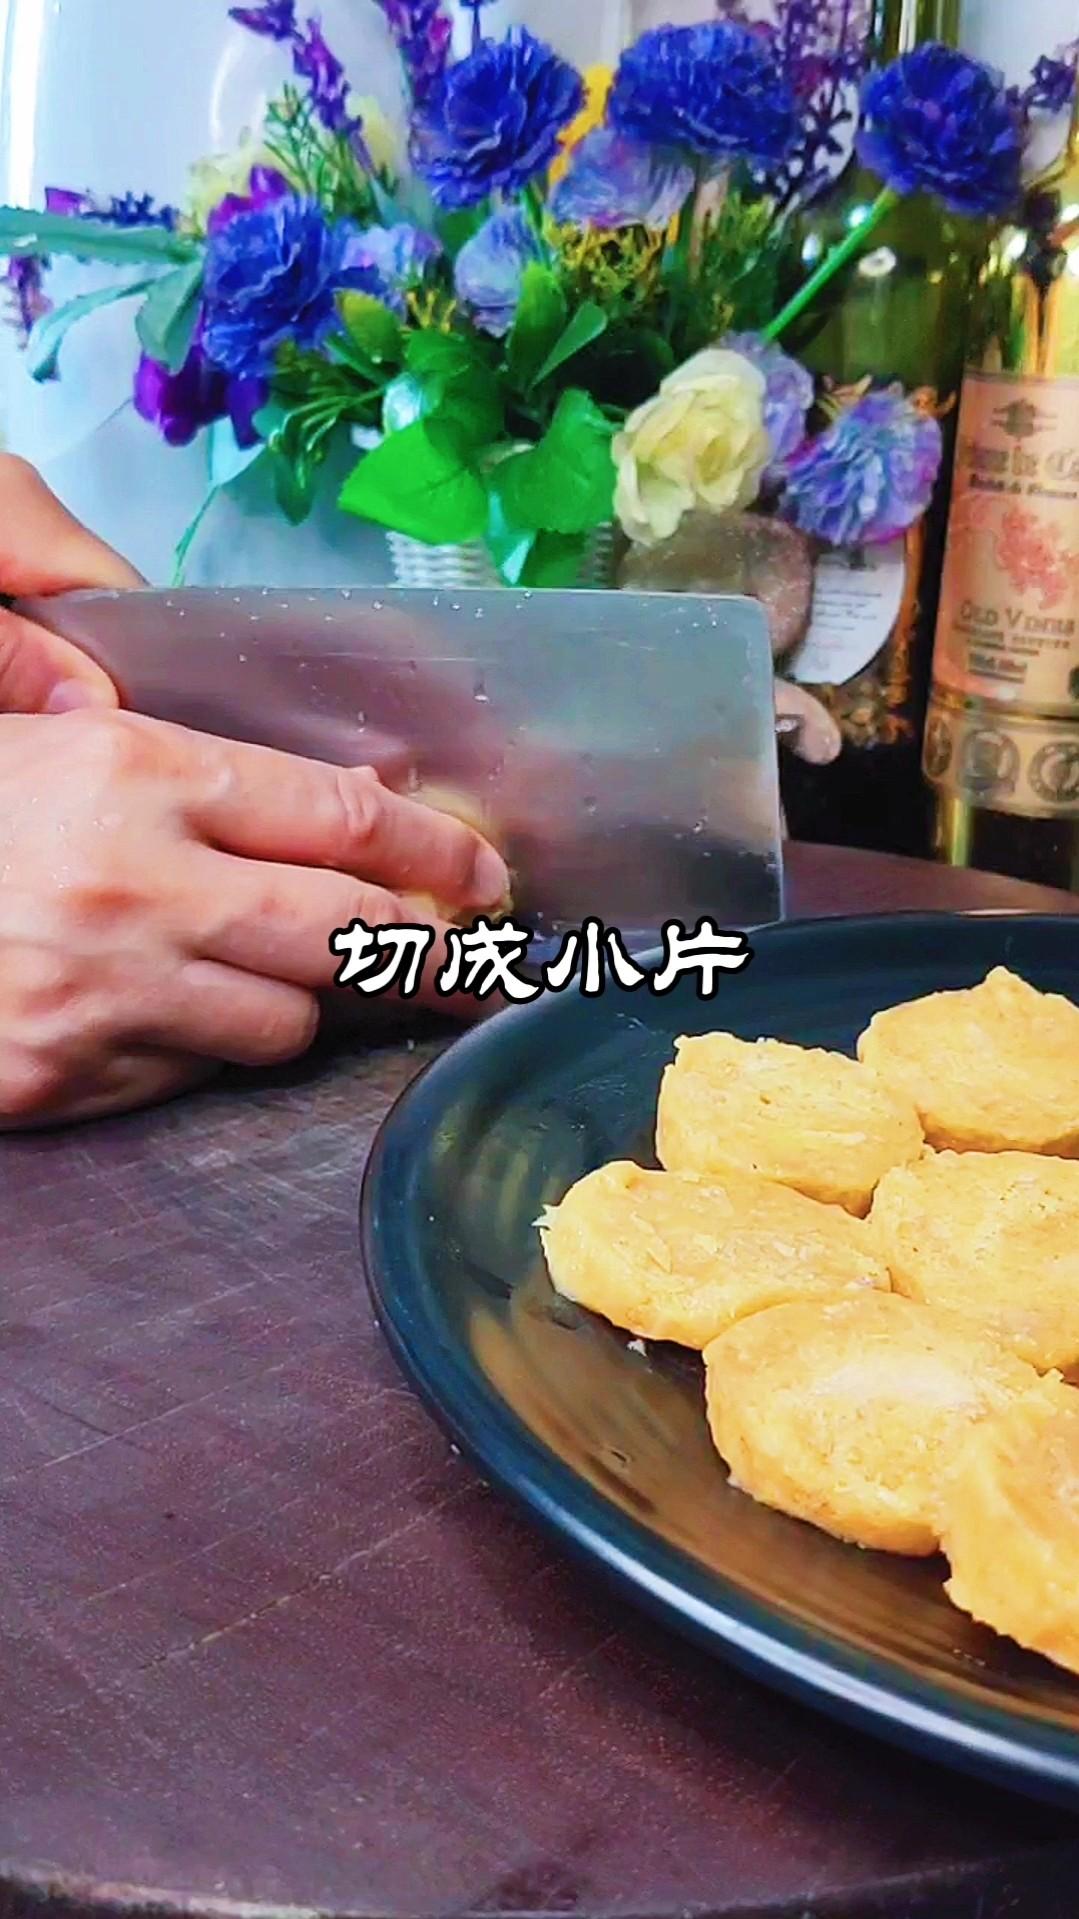 脆脆麦乐鸡的简单做法